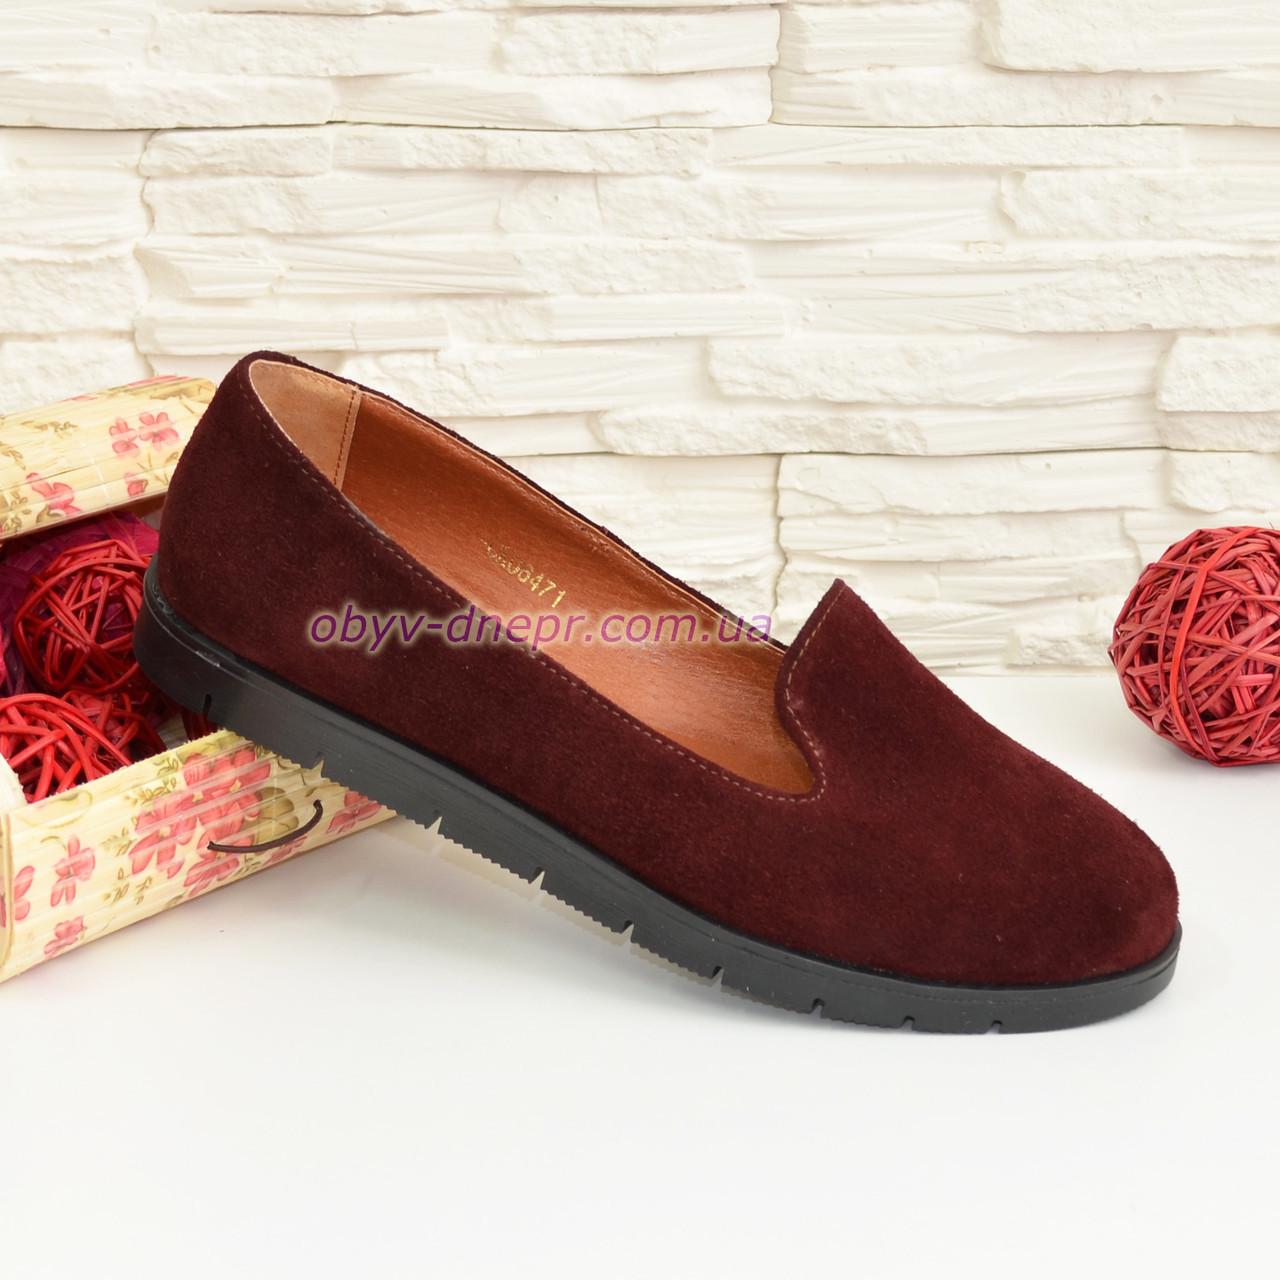 Туфли-мокасины женские замшевые на утолщенной черной подошве. Цвет бордовый